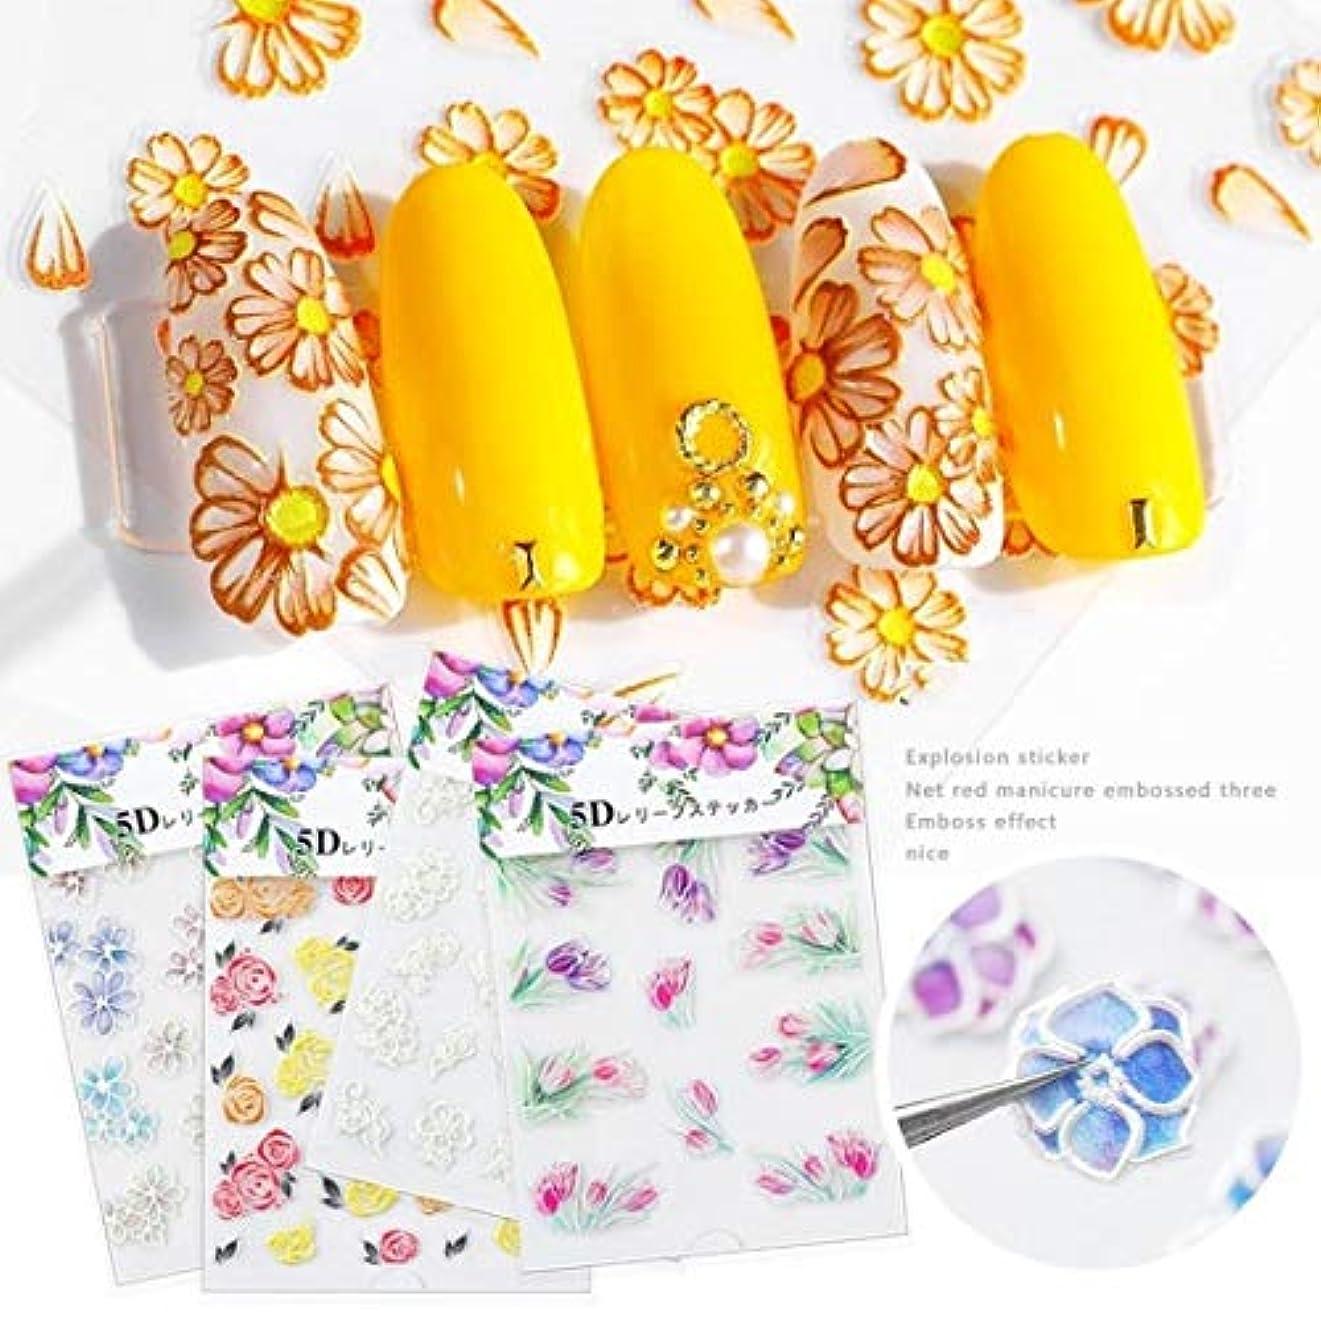 ビルマ傀儡不機嫌Kerwinner 5Dネイルステッカーセット10枚の花柄自己粘着転写デカールネイルアートマニキュア装飾ツール